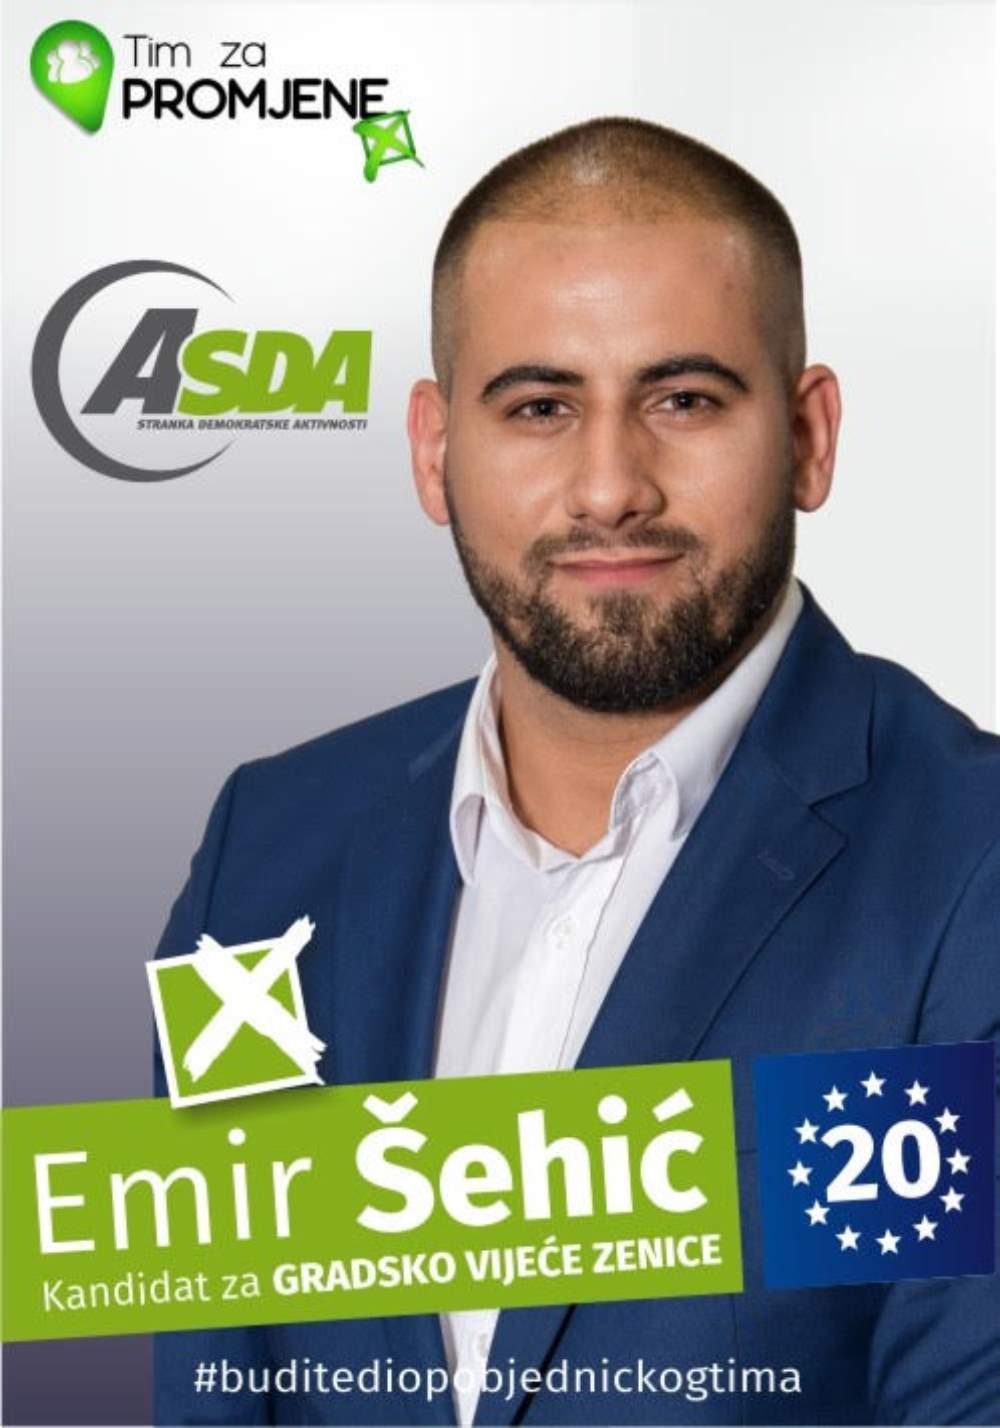 Emir Šehić